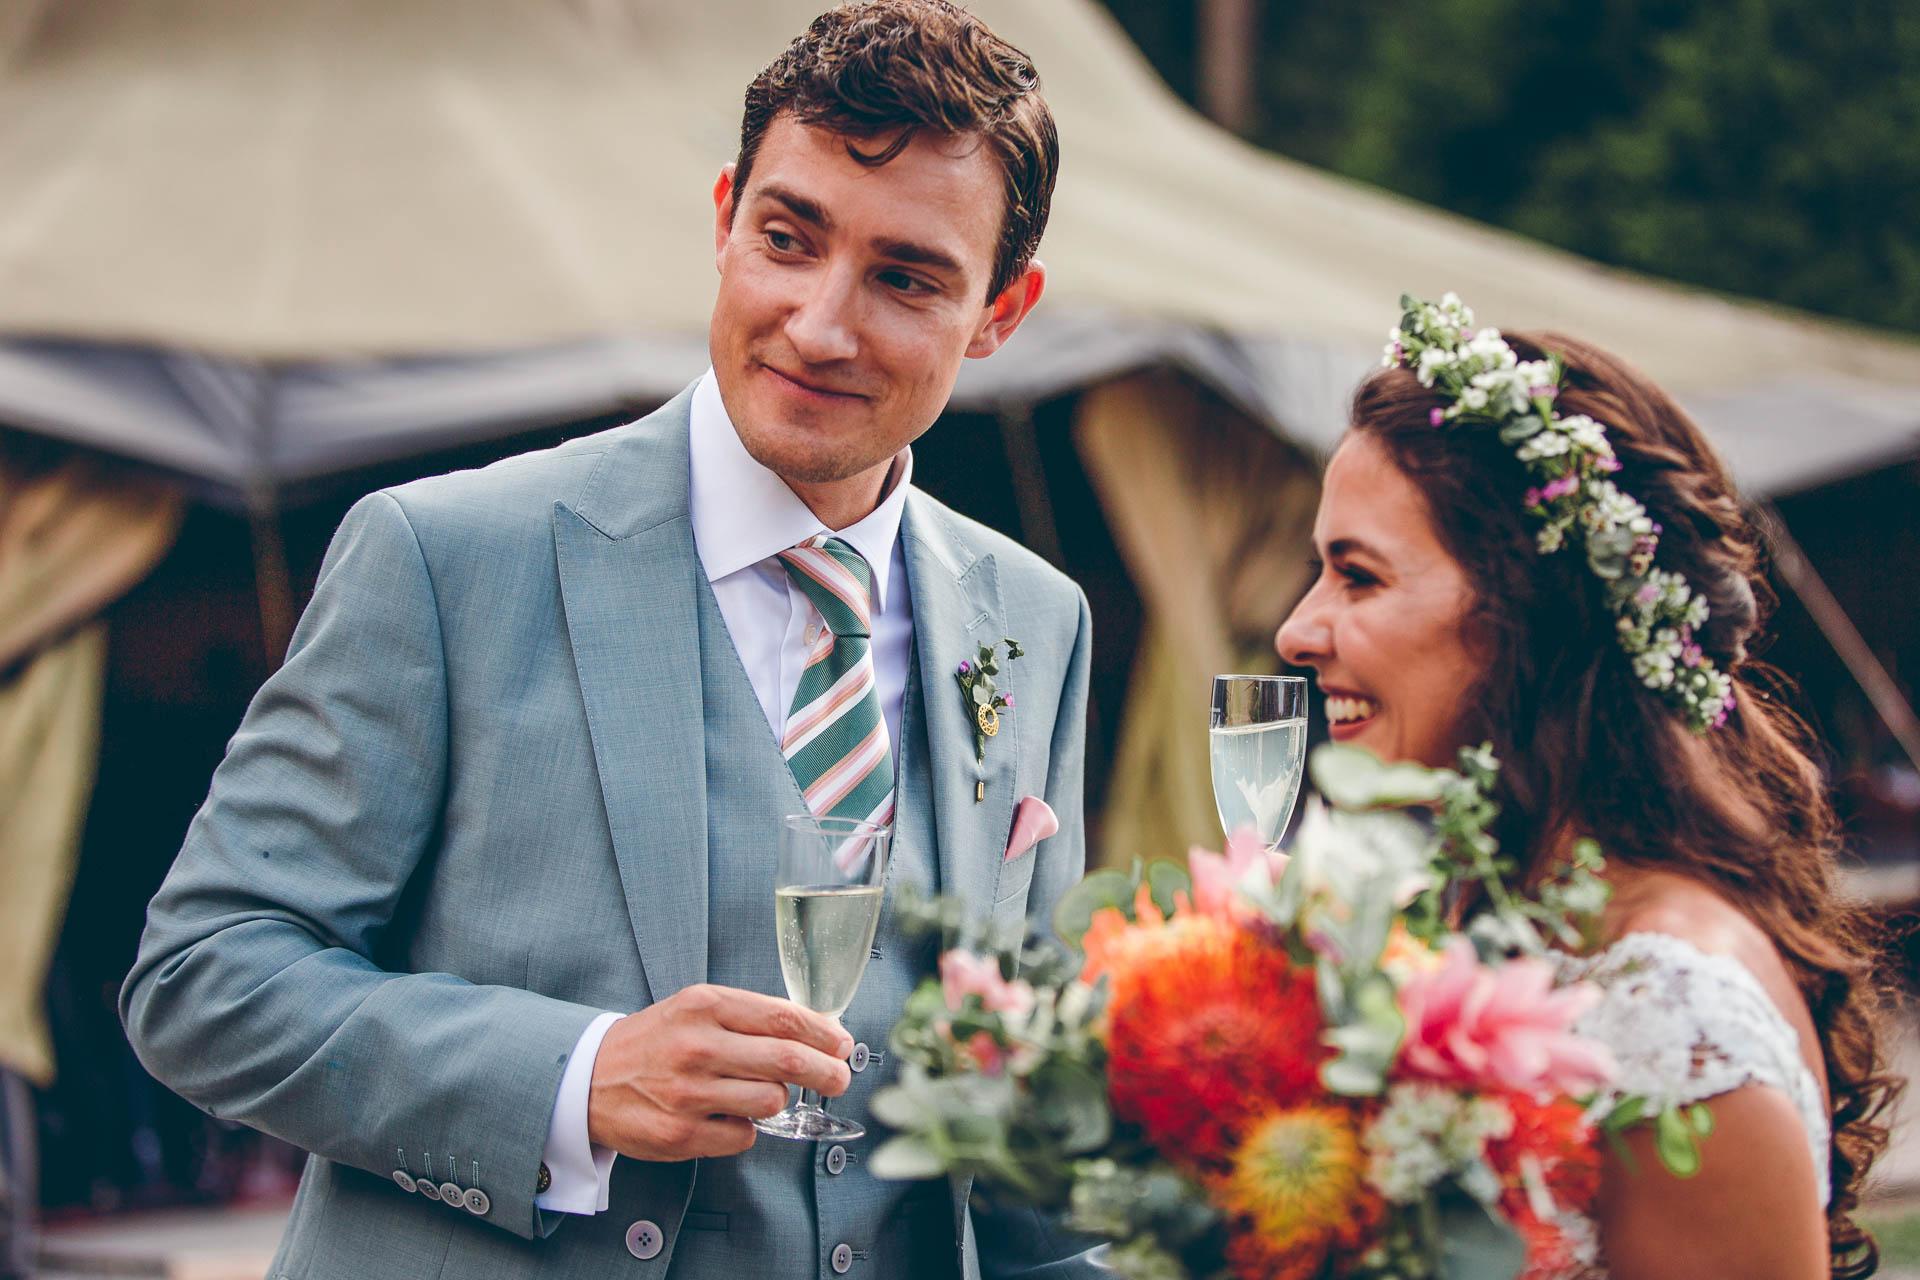 Brautpaar bei Sektempfang auf Hochzeitsfeier Freiluft im Blueland